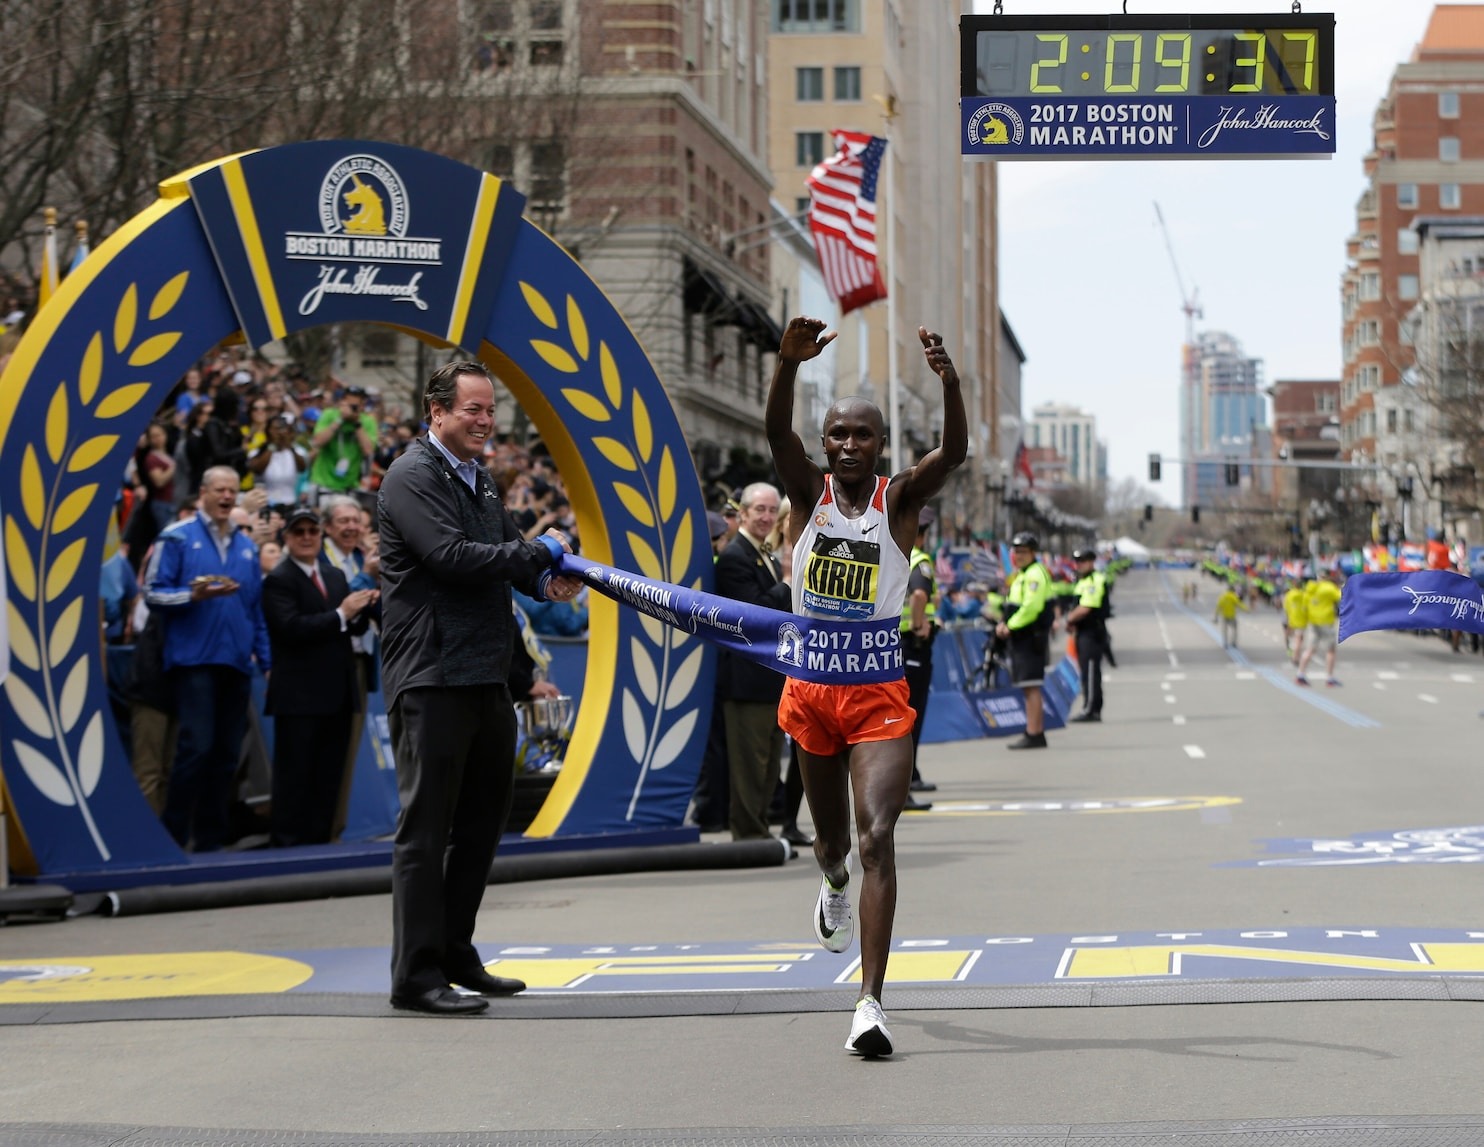 Boston Marathon 2017 Geoffrey Kirui Tops Galen Rupp And